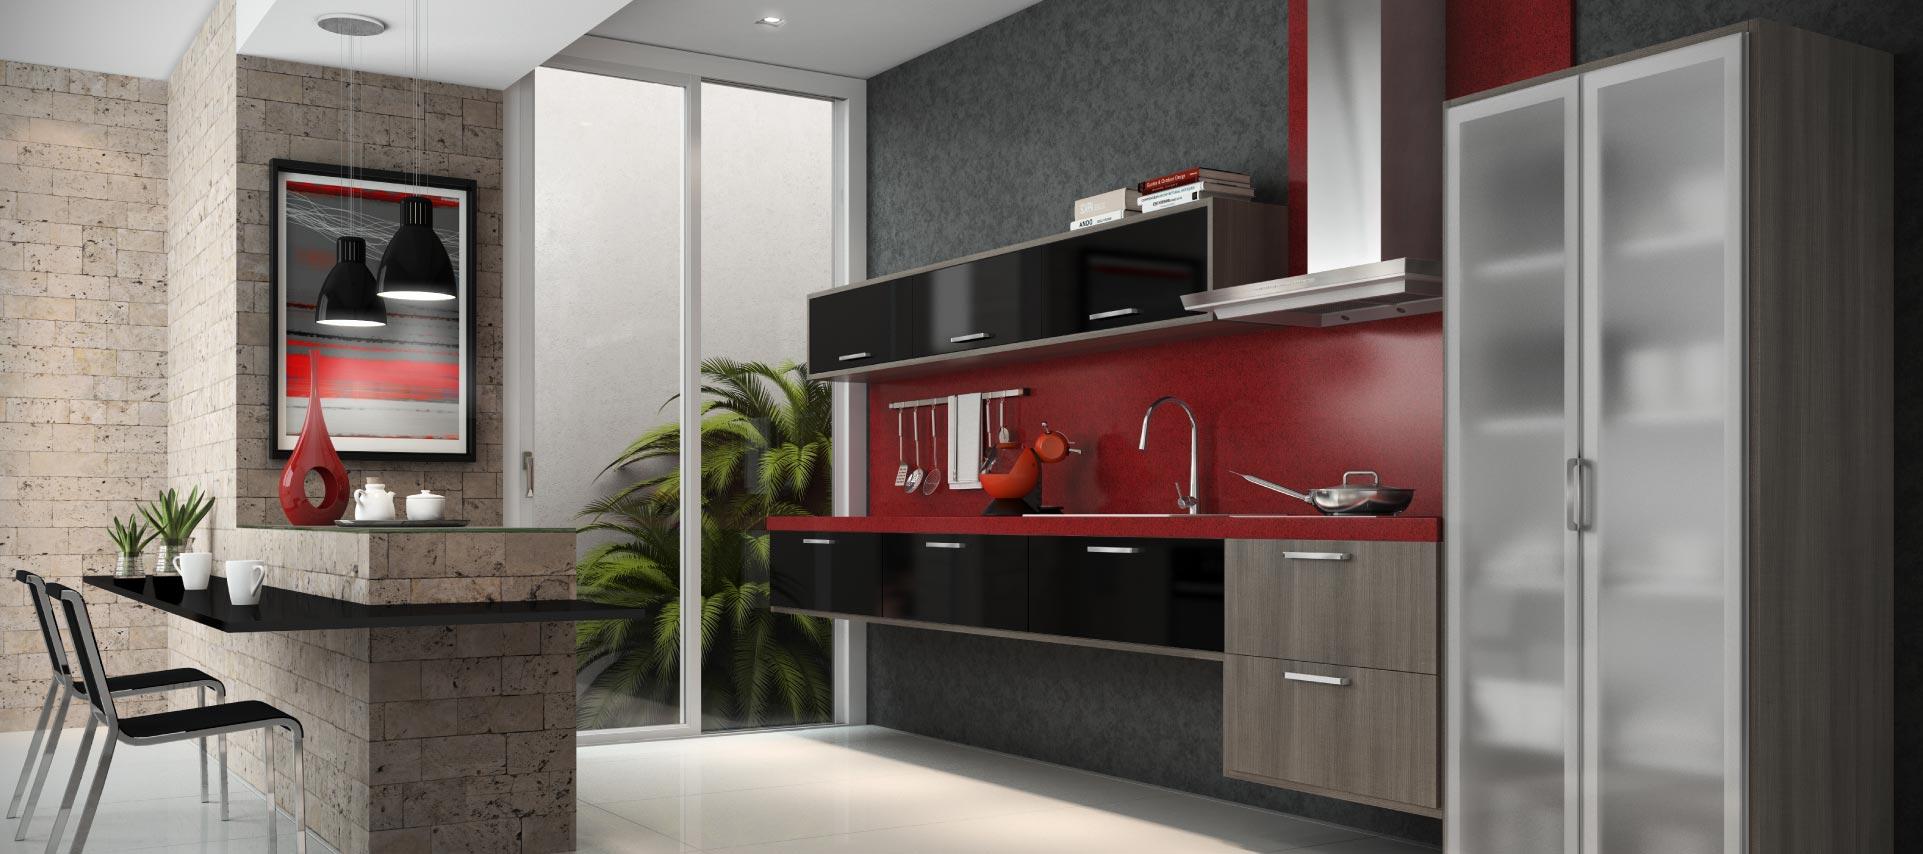 https://www.decor8planejados.com.br/wp-content/uploads/2016/03/cozinha-planejada-moveis-planejados-decor8-2.jpg